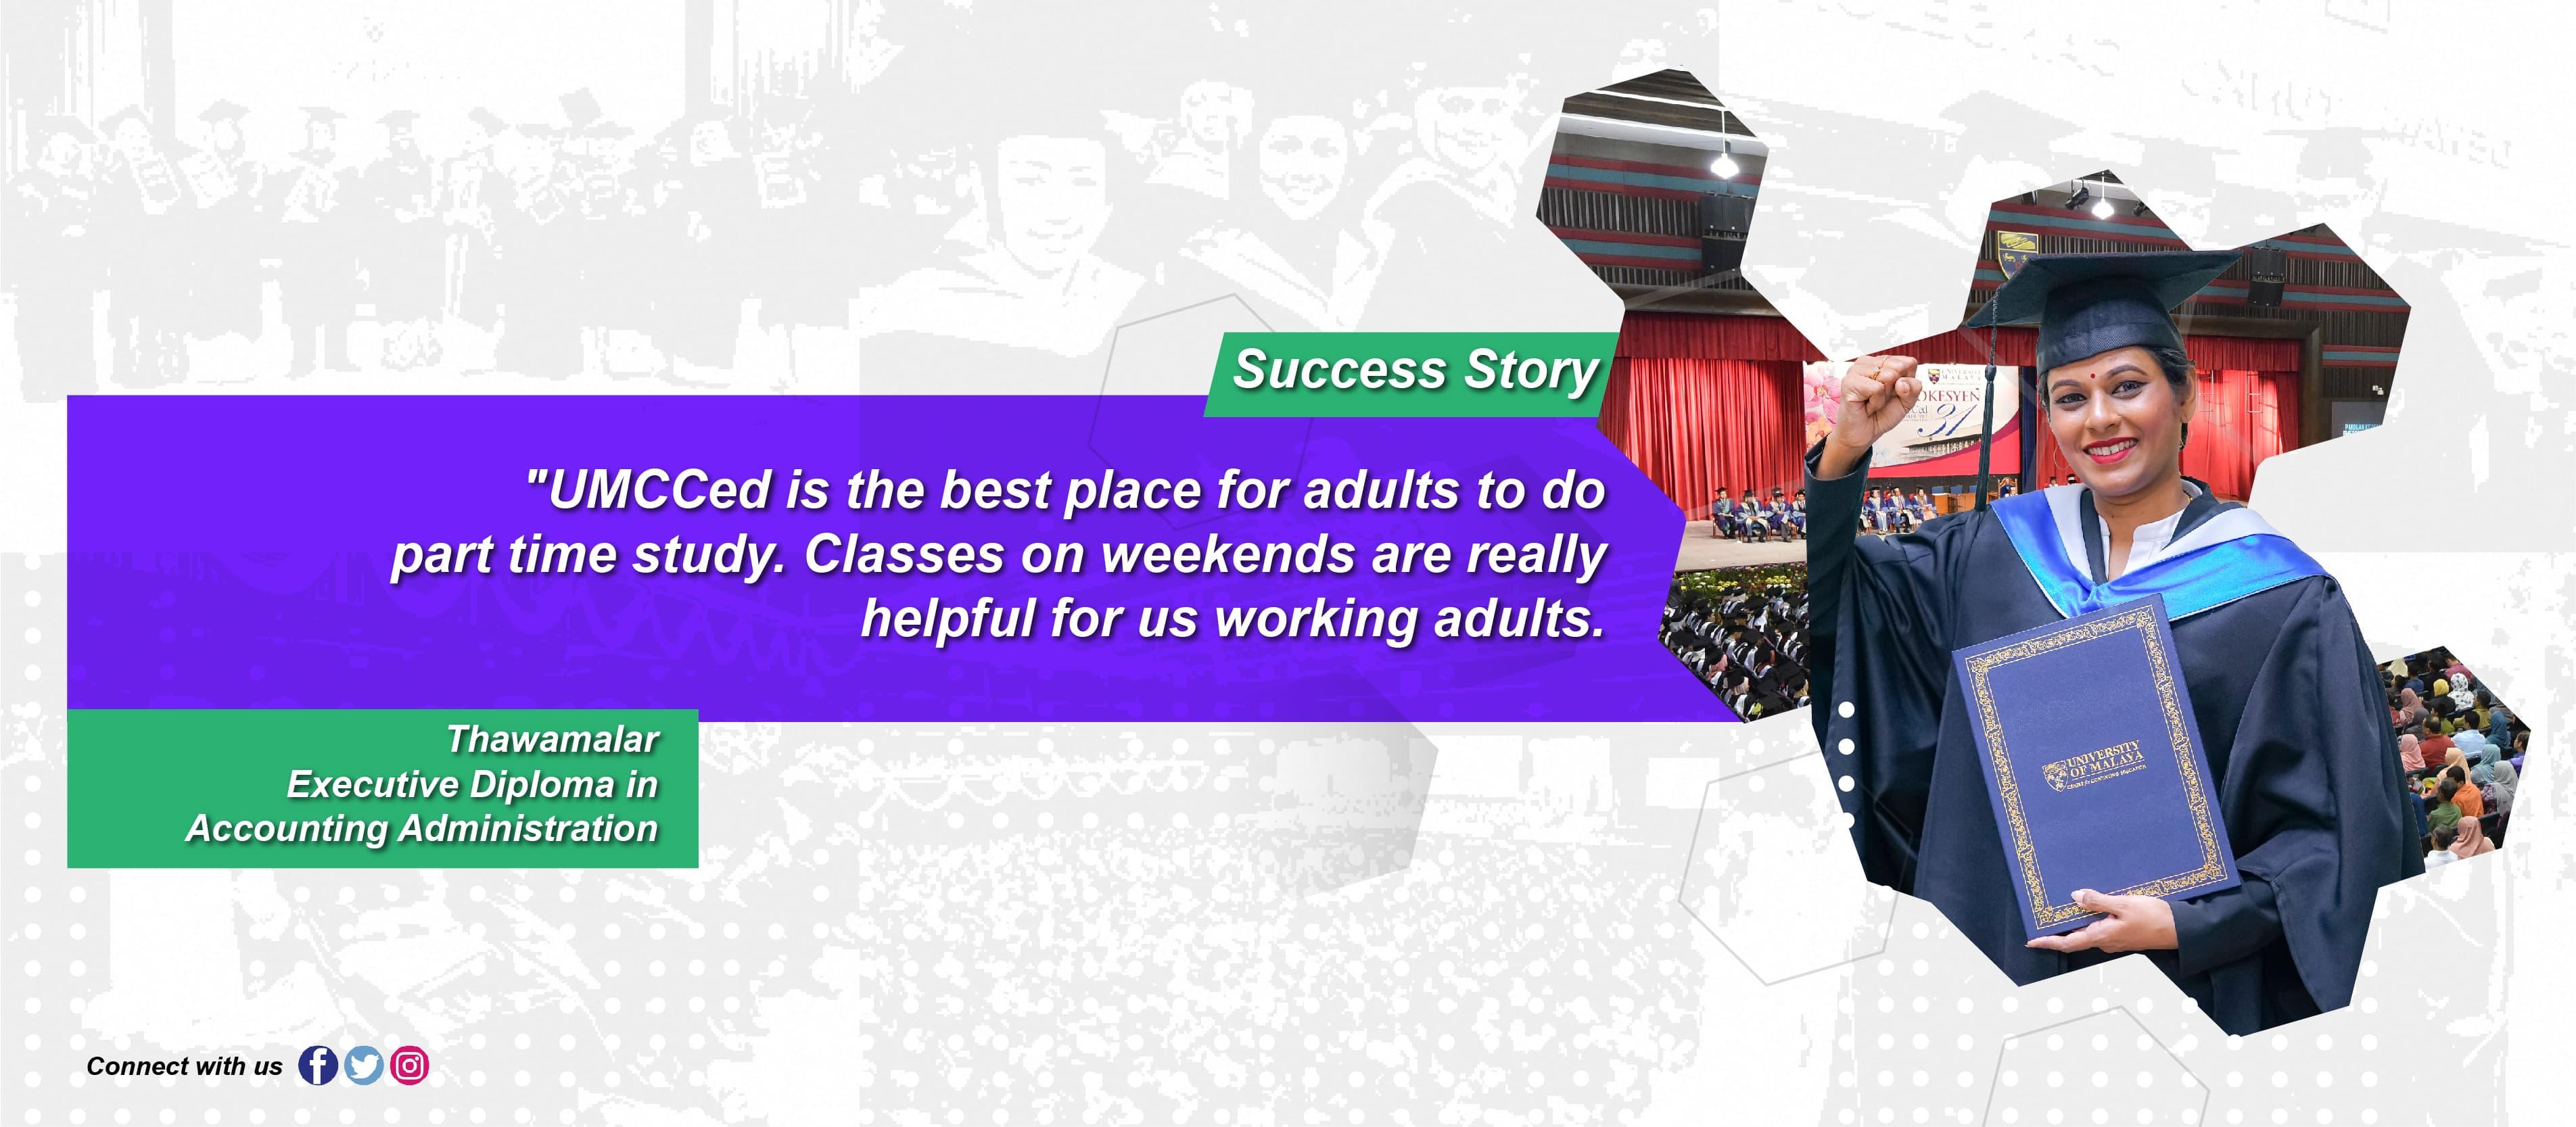 Banner_Website_Testimoni_Diploma_Eksekutif_Thawamalar-01_1